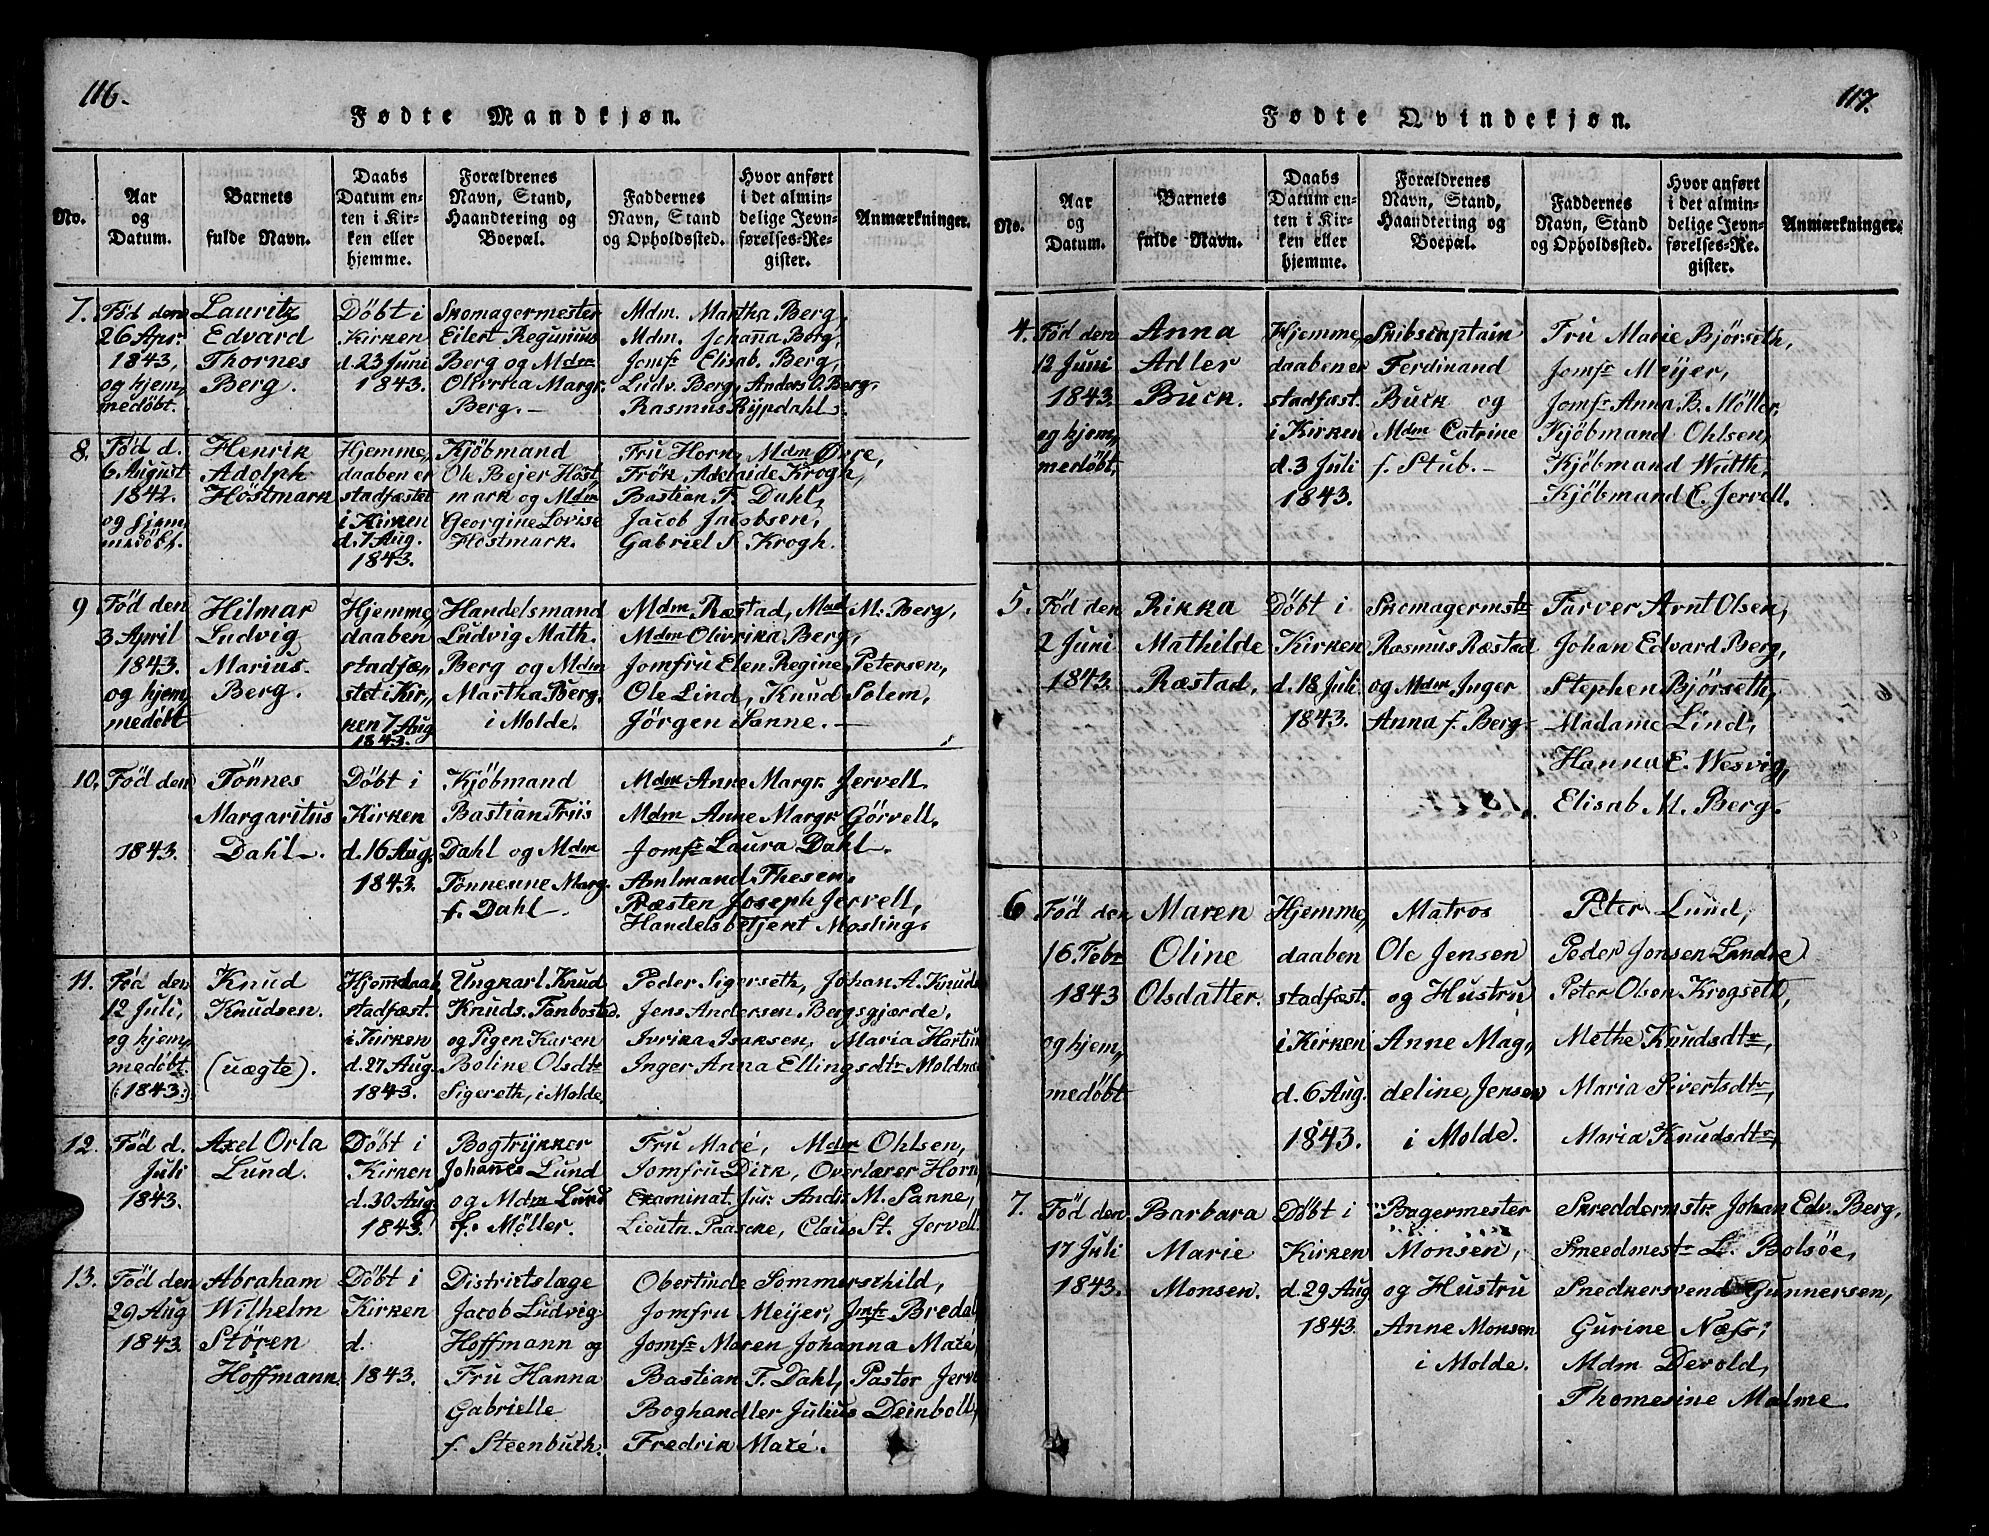 SAT, Ministerialprotokoller, klokkerbøker og fødselsregistre - Møre og Romsdal, 558/L0700: Parish register (copy) no. 558C01, 1818-1868, p. 116-117